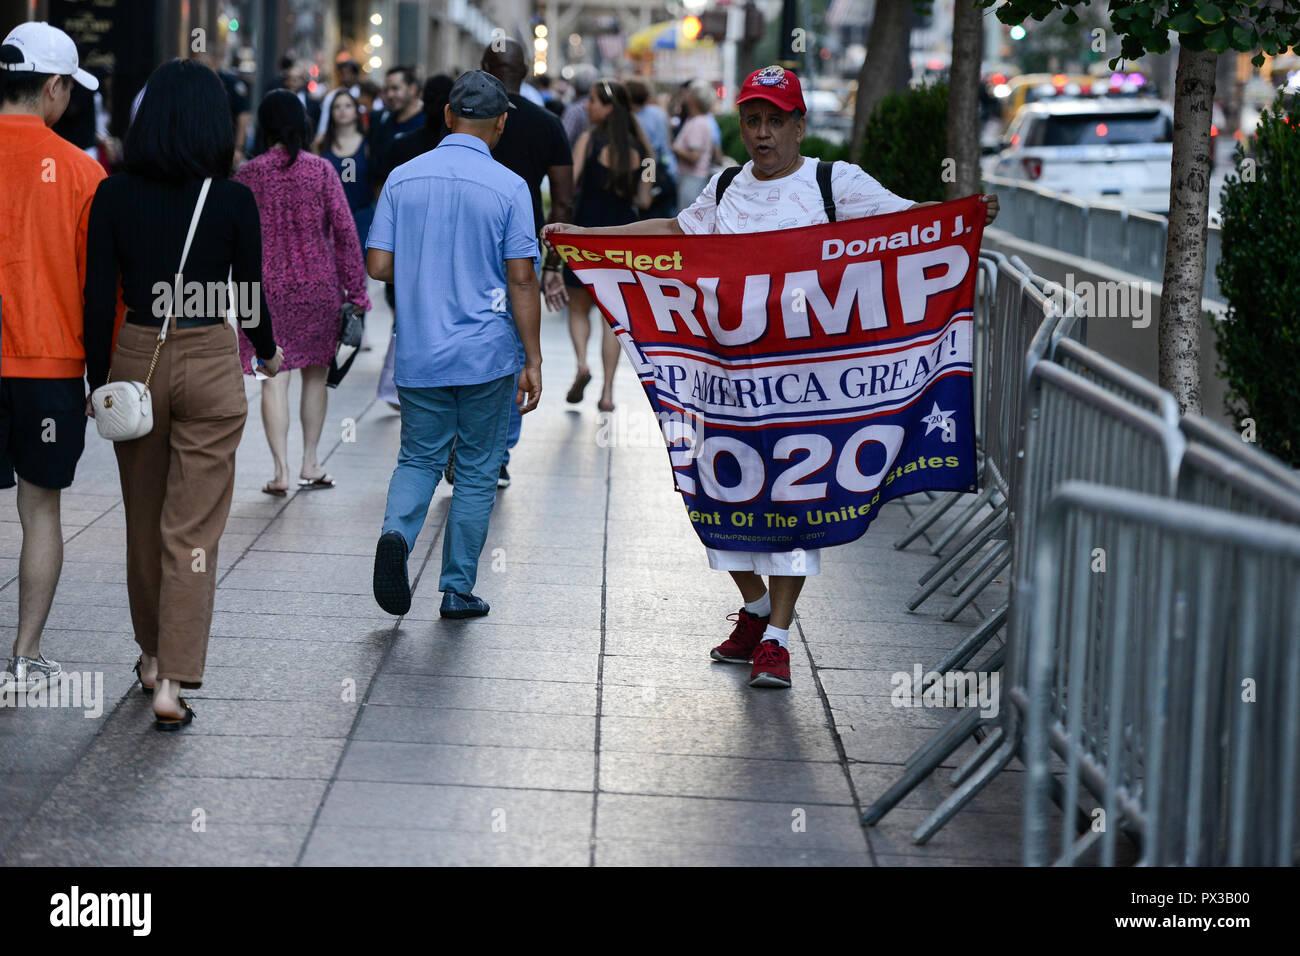 USA, New York, Donald Trump supporter avec des bannières pour la réélection d'atout pour le président en 2020 en face de Trump Tower à 5th Avenue , son slogan: TRUMP Keep America great! / Befuerworter Wiederwahl Trump mit 2020 Plakat vor dem Trump Tower , sein slogan Keep America great! Photo Stock